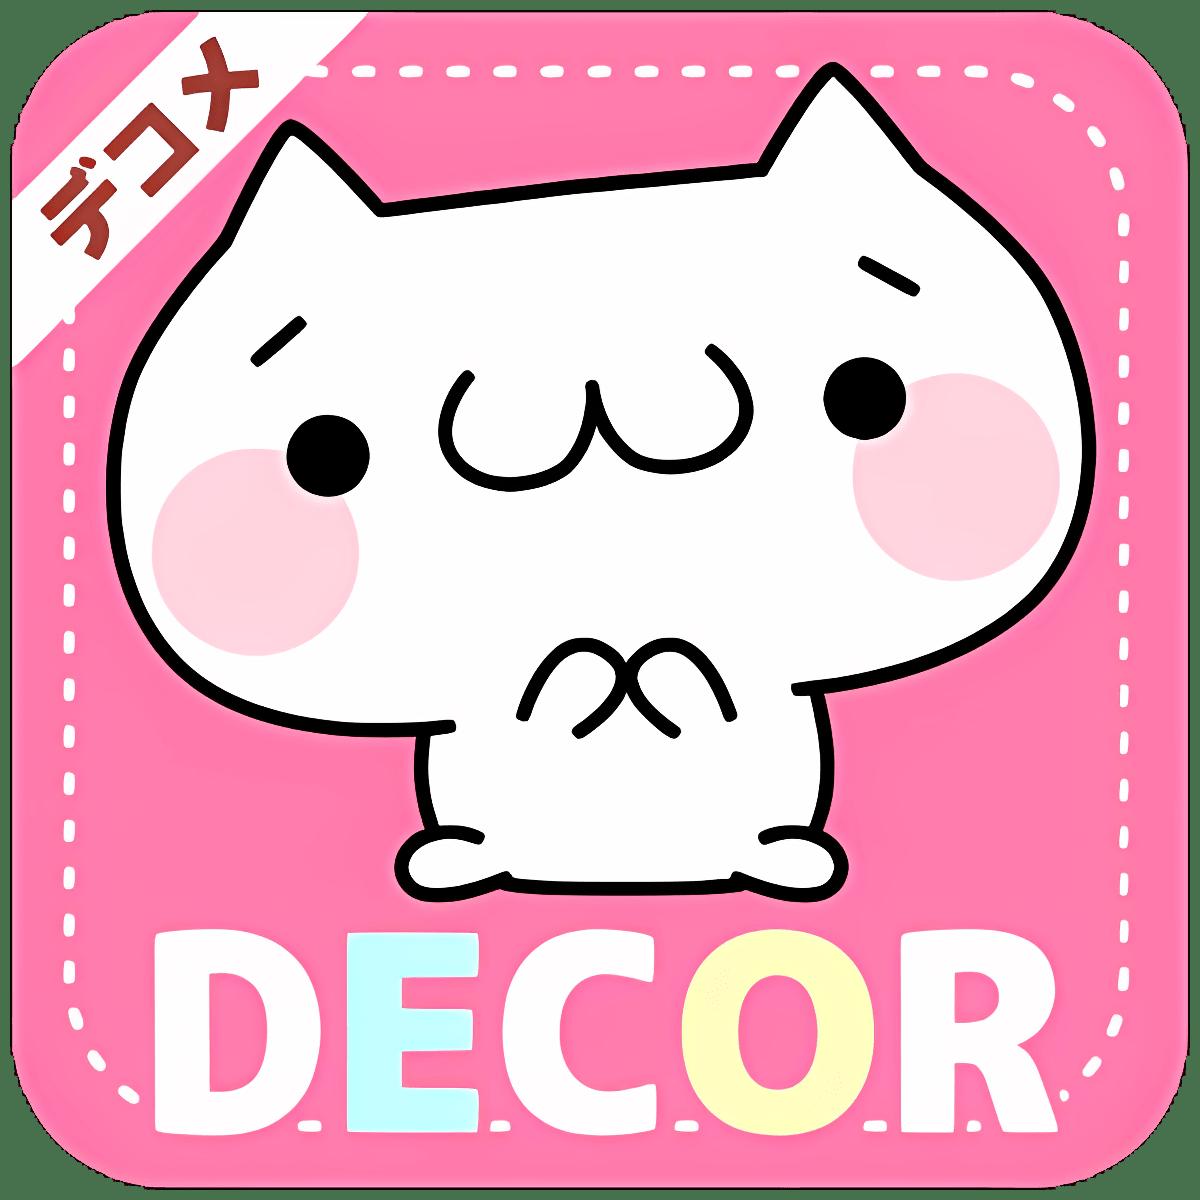 無料デコメ・スタンプ★もっとかわいく♪DECOR 1